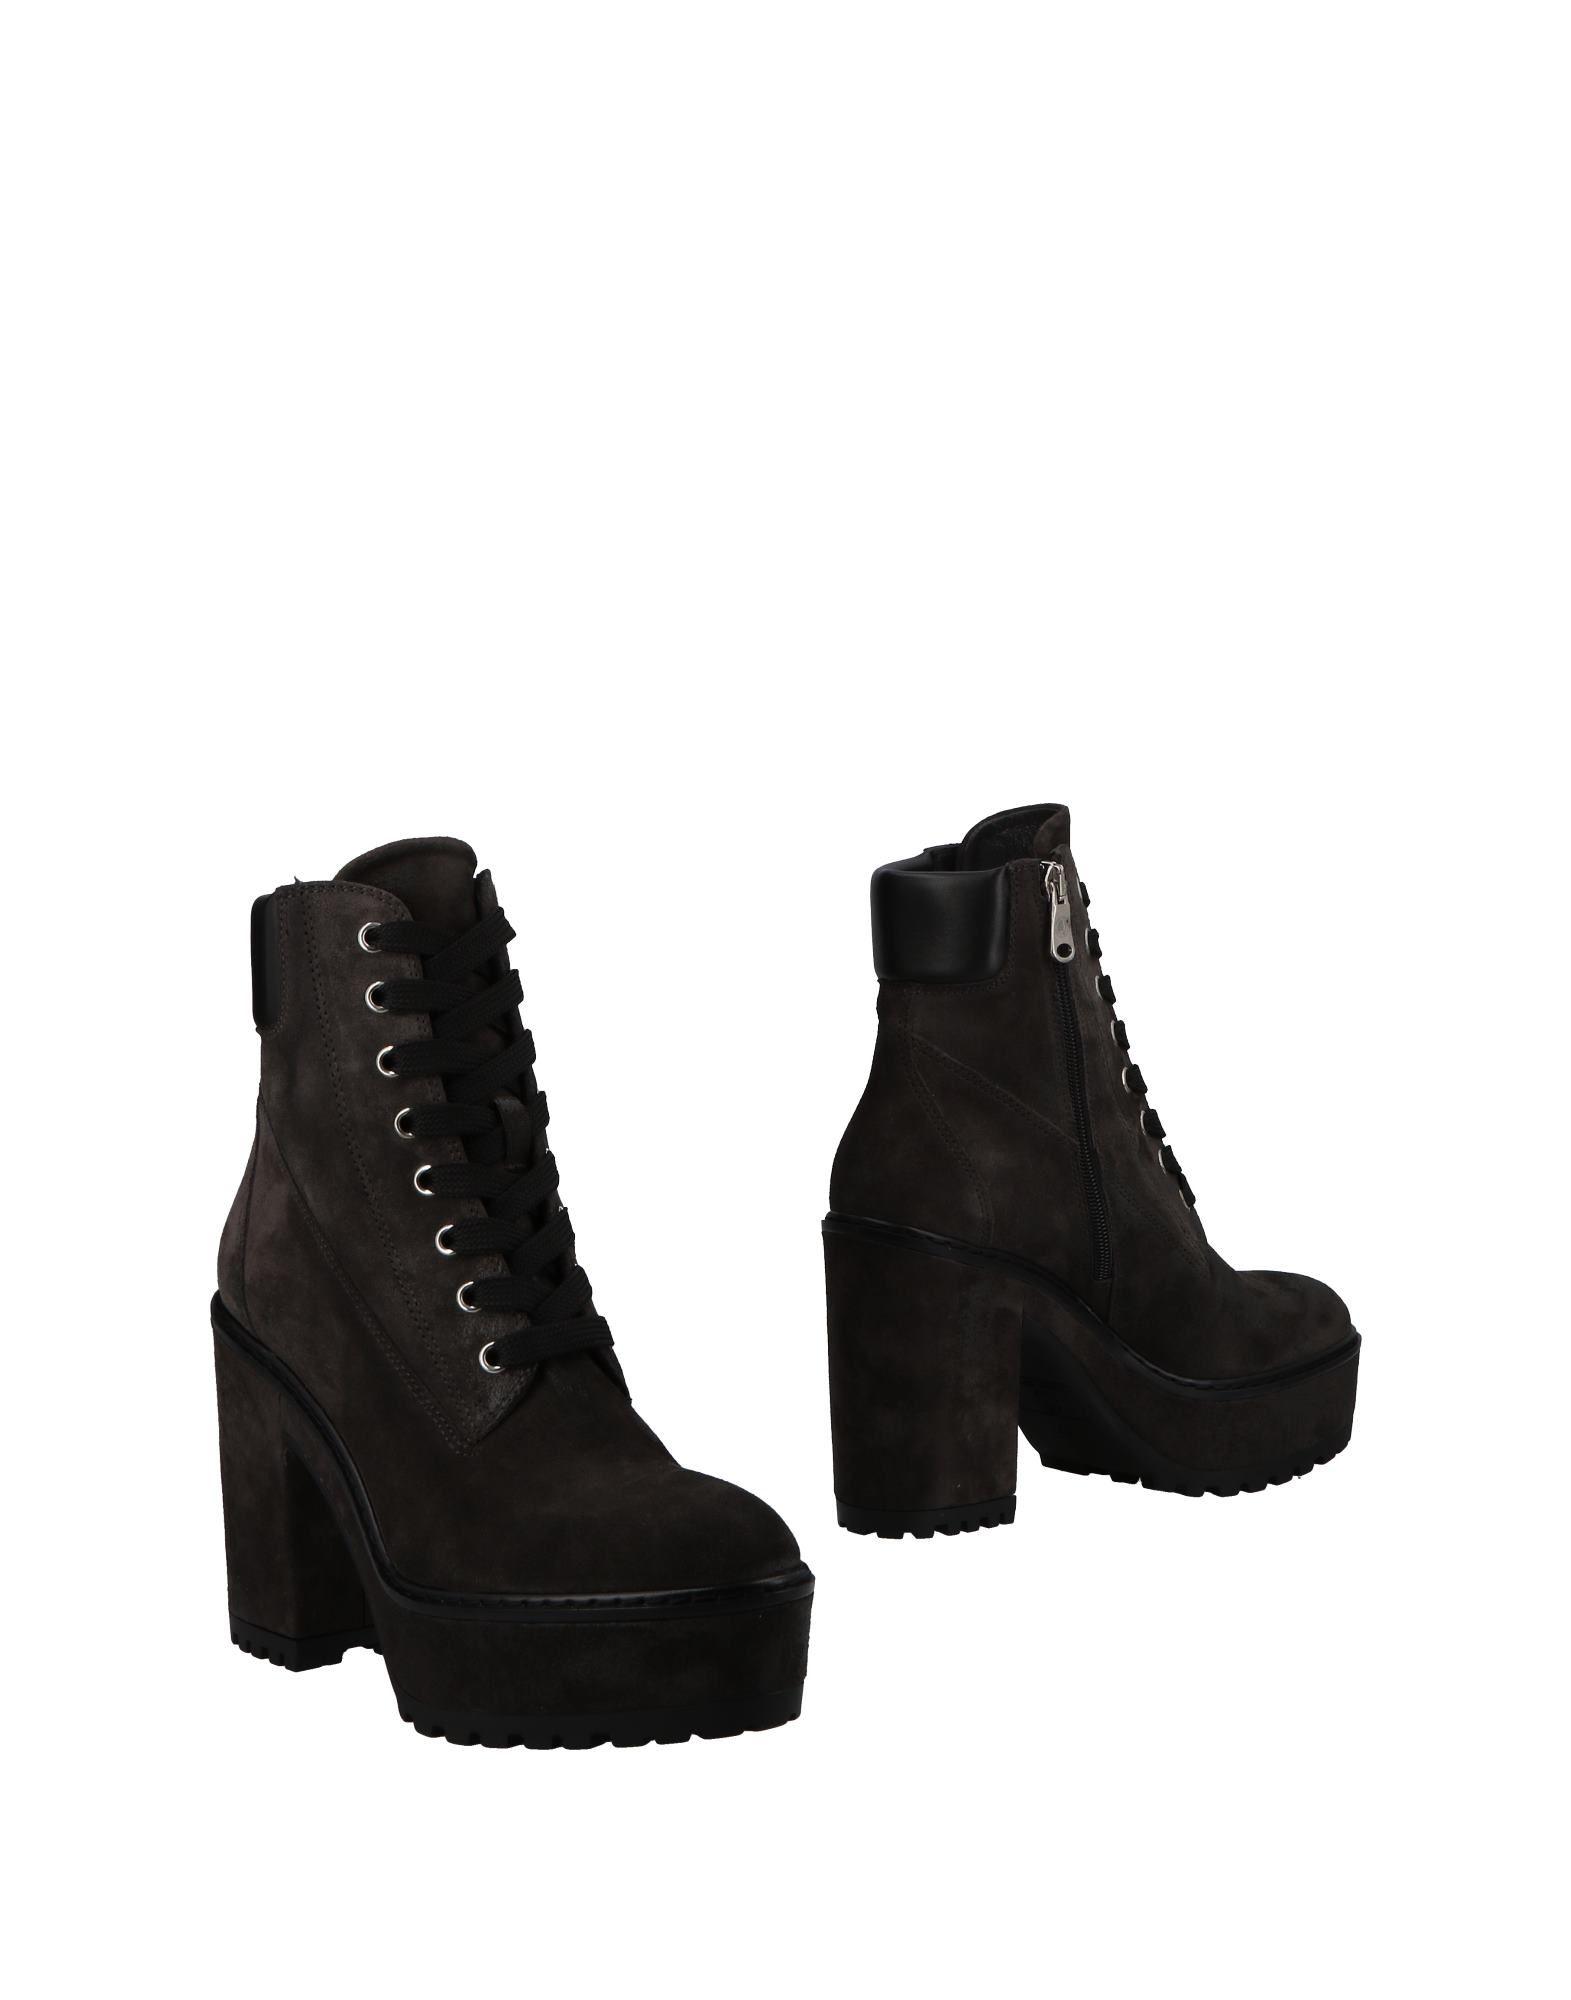 JANET SPORT Полусапоги и высокие ботинки janet sport сапоги